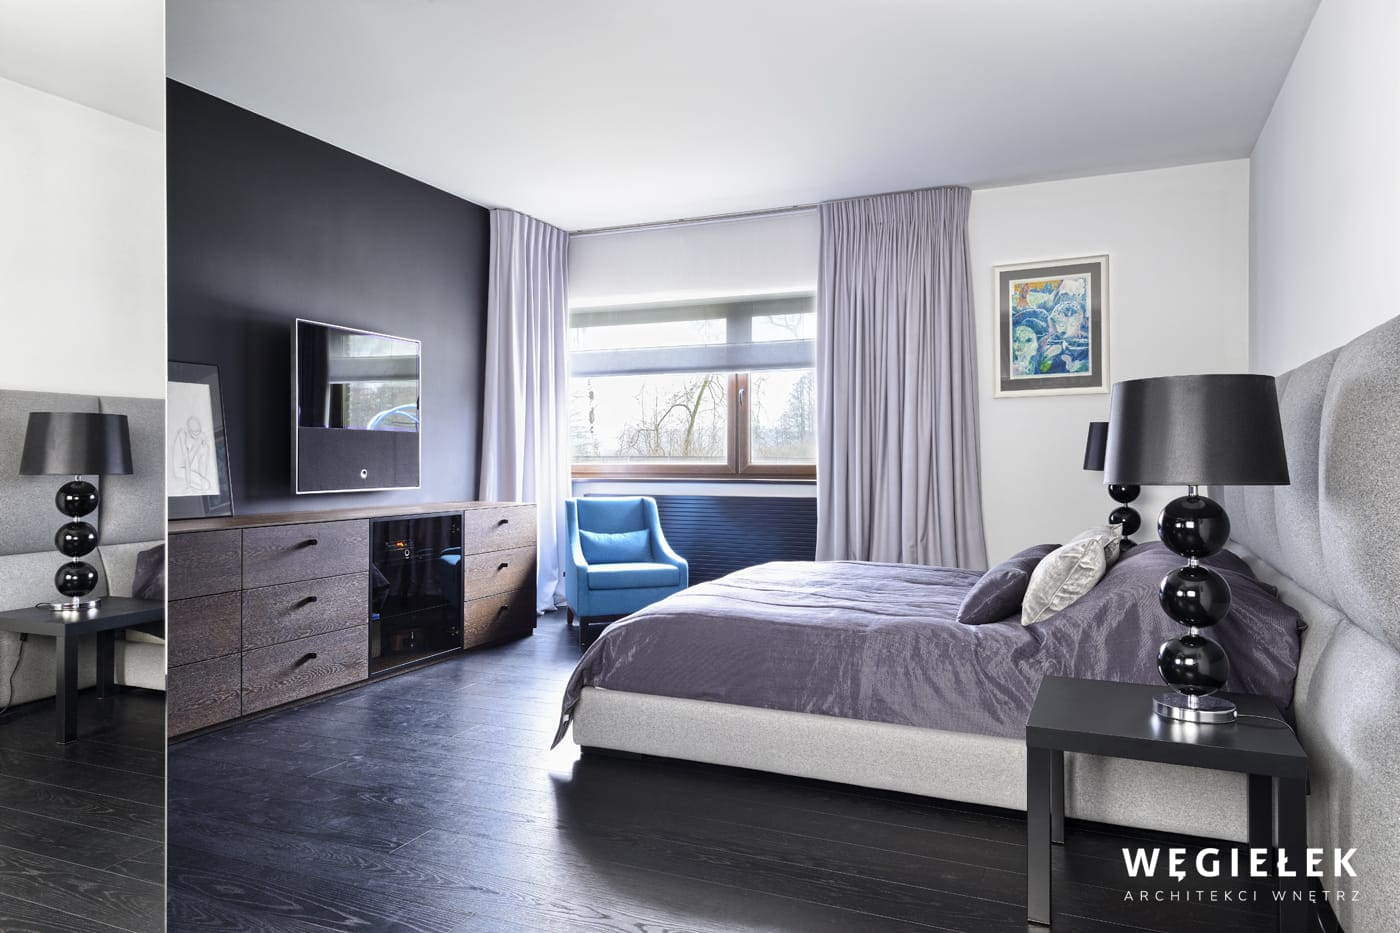 06 sypialnia komoda dab wedzony